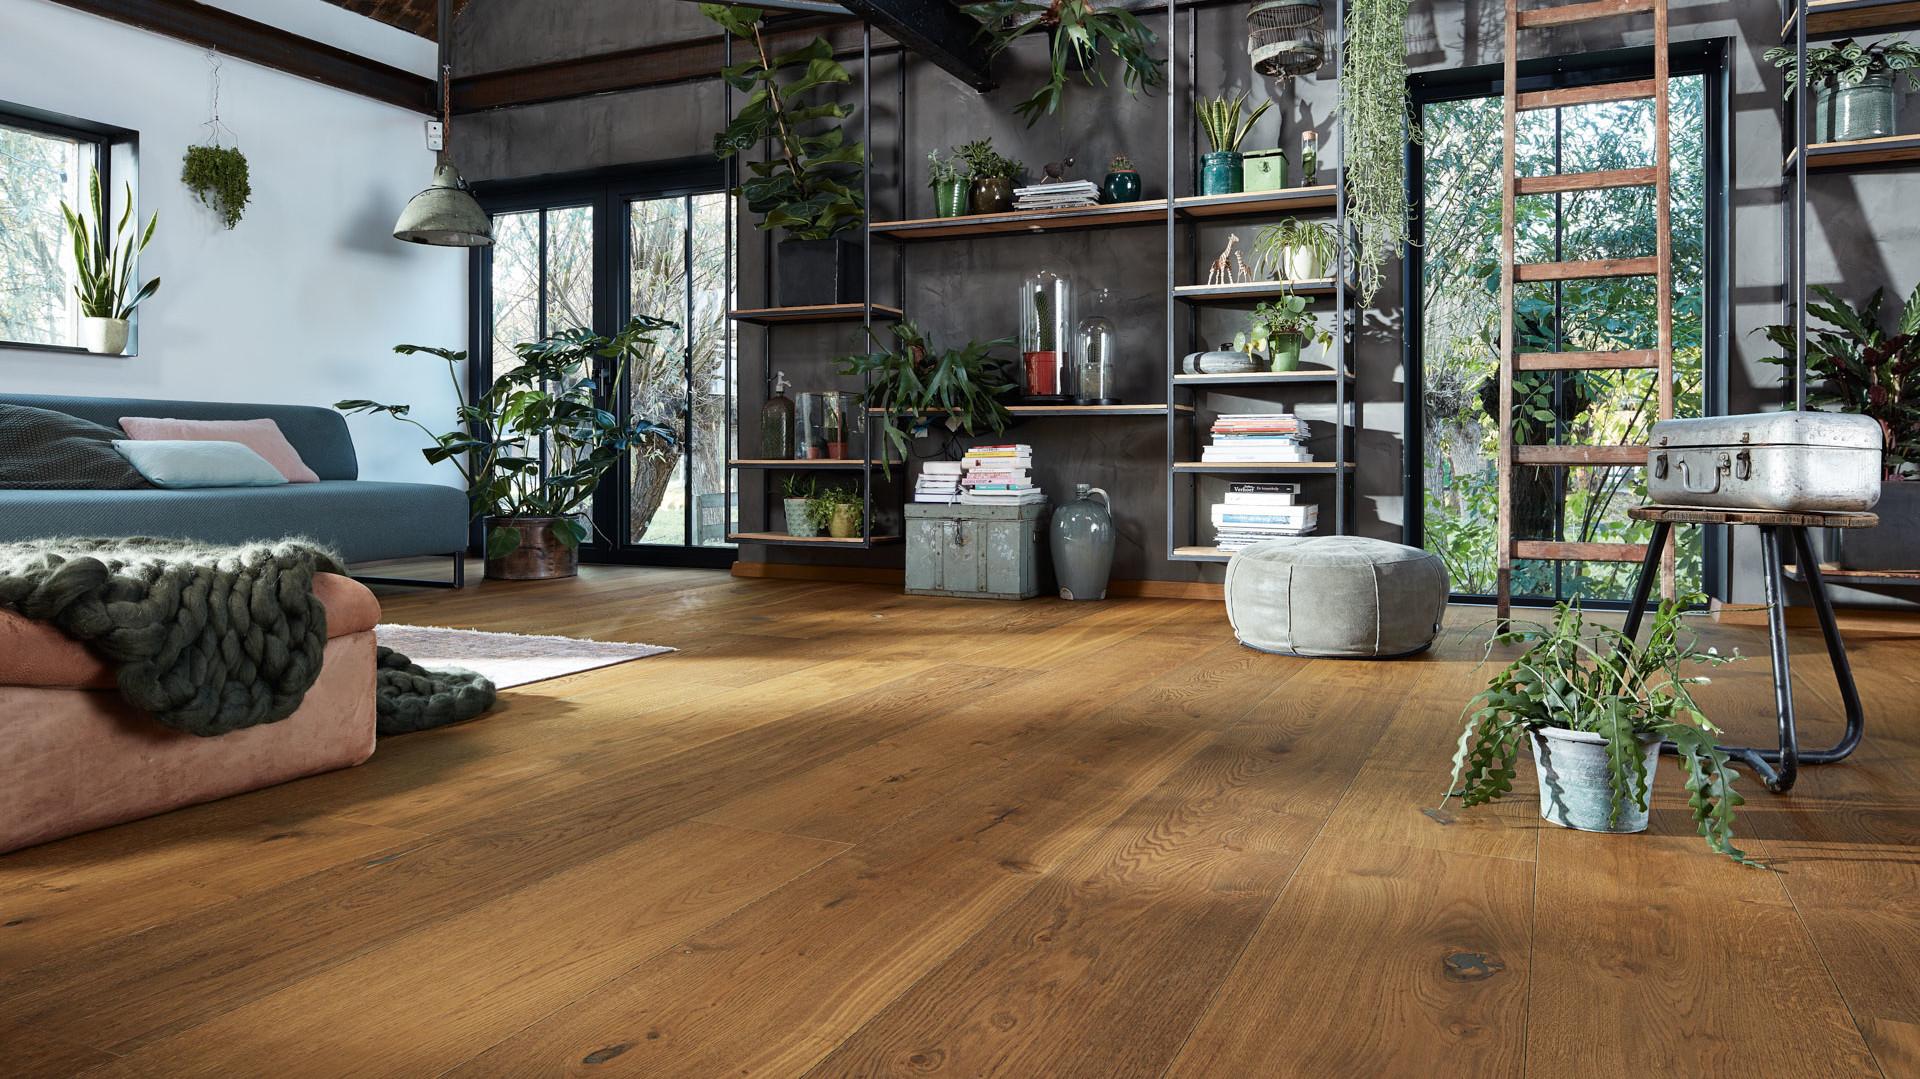 Lindura-Holzboden in Eiche authentic in einem Wohnzimmer